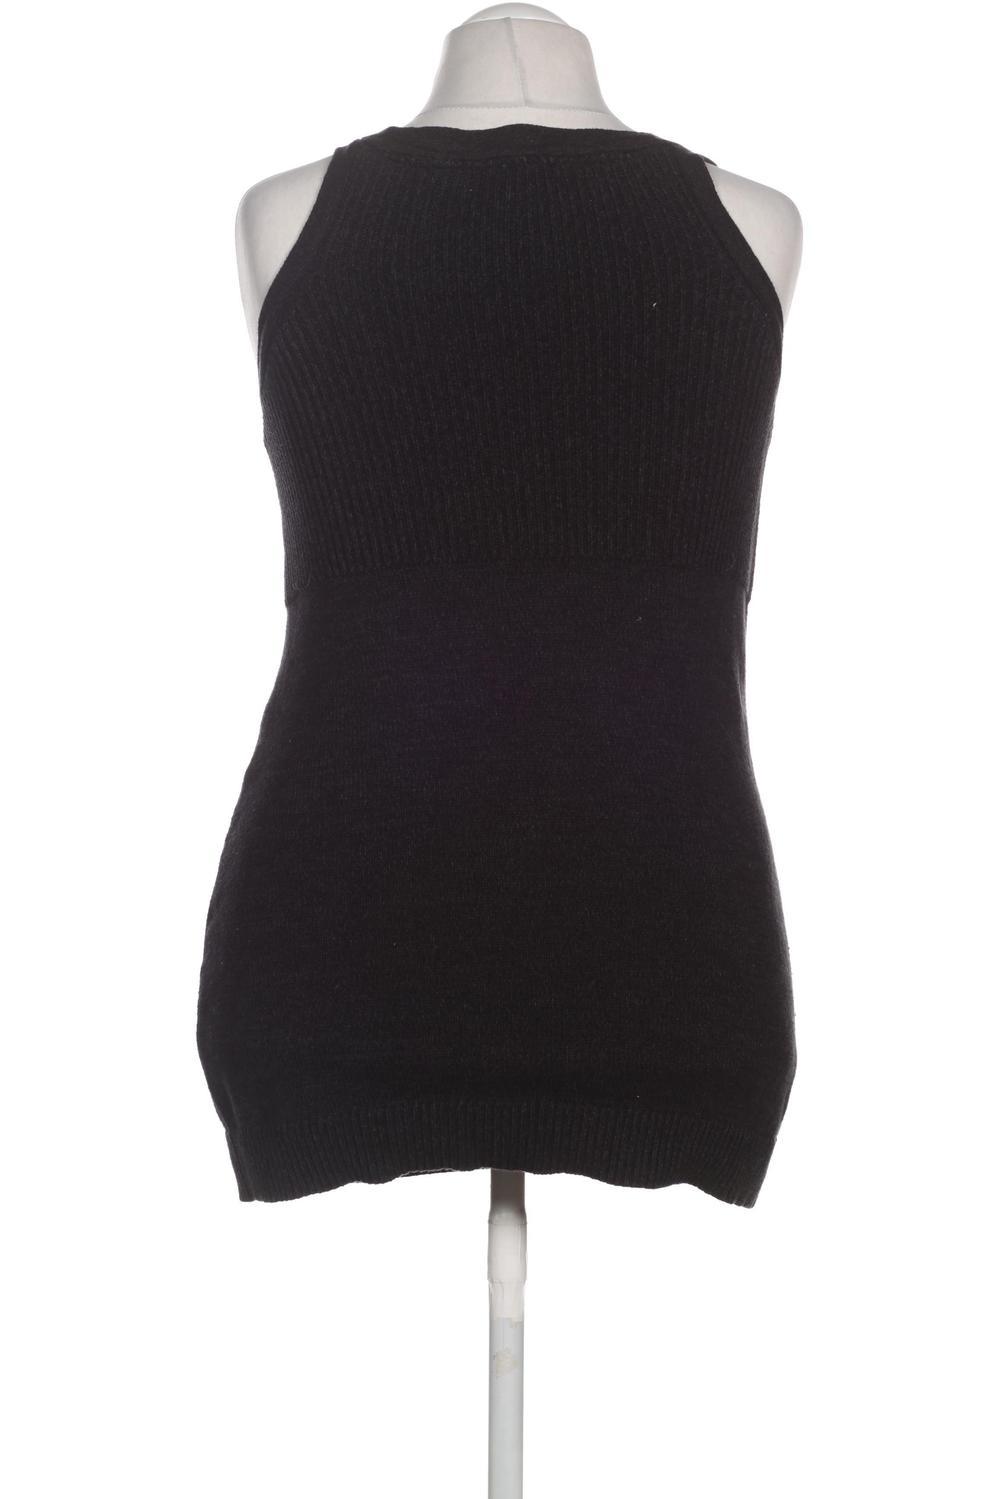 CECIL Damen Kleid INT XL Second Hand kaufen | ubup